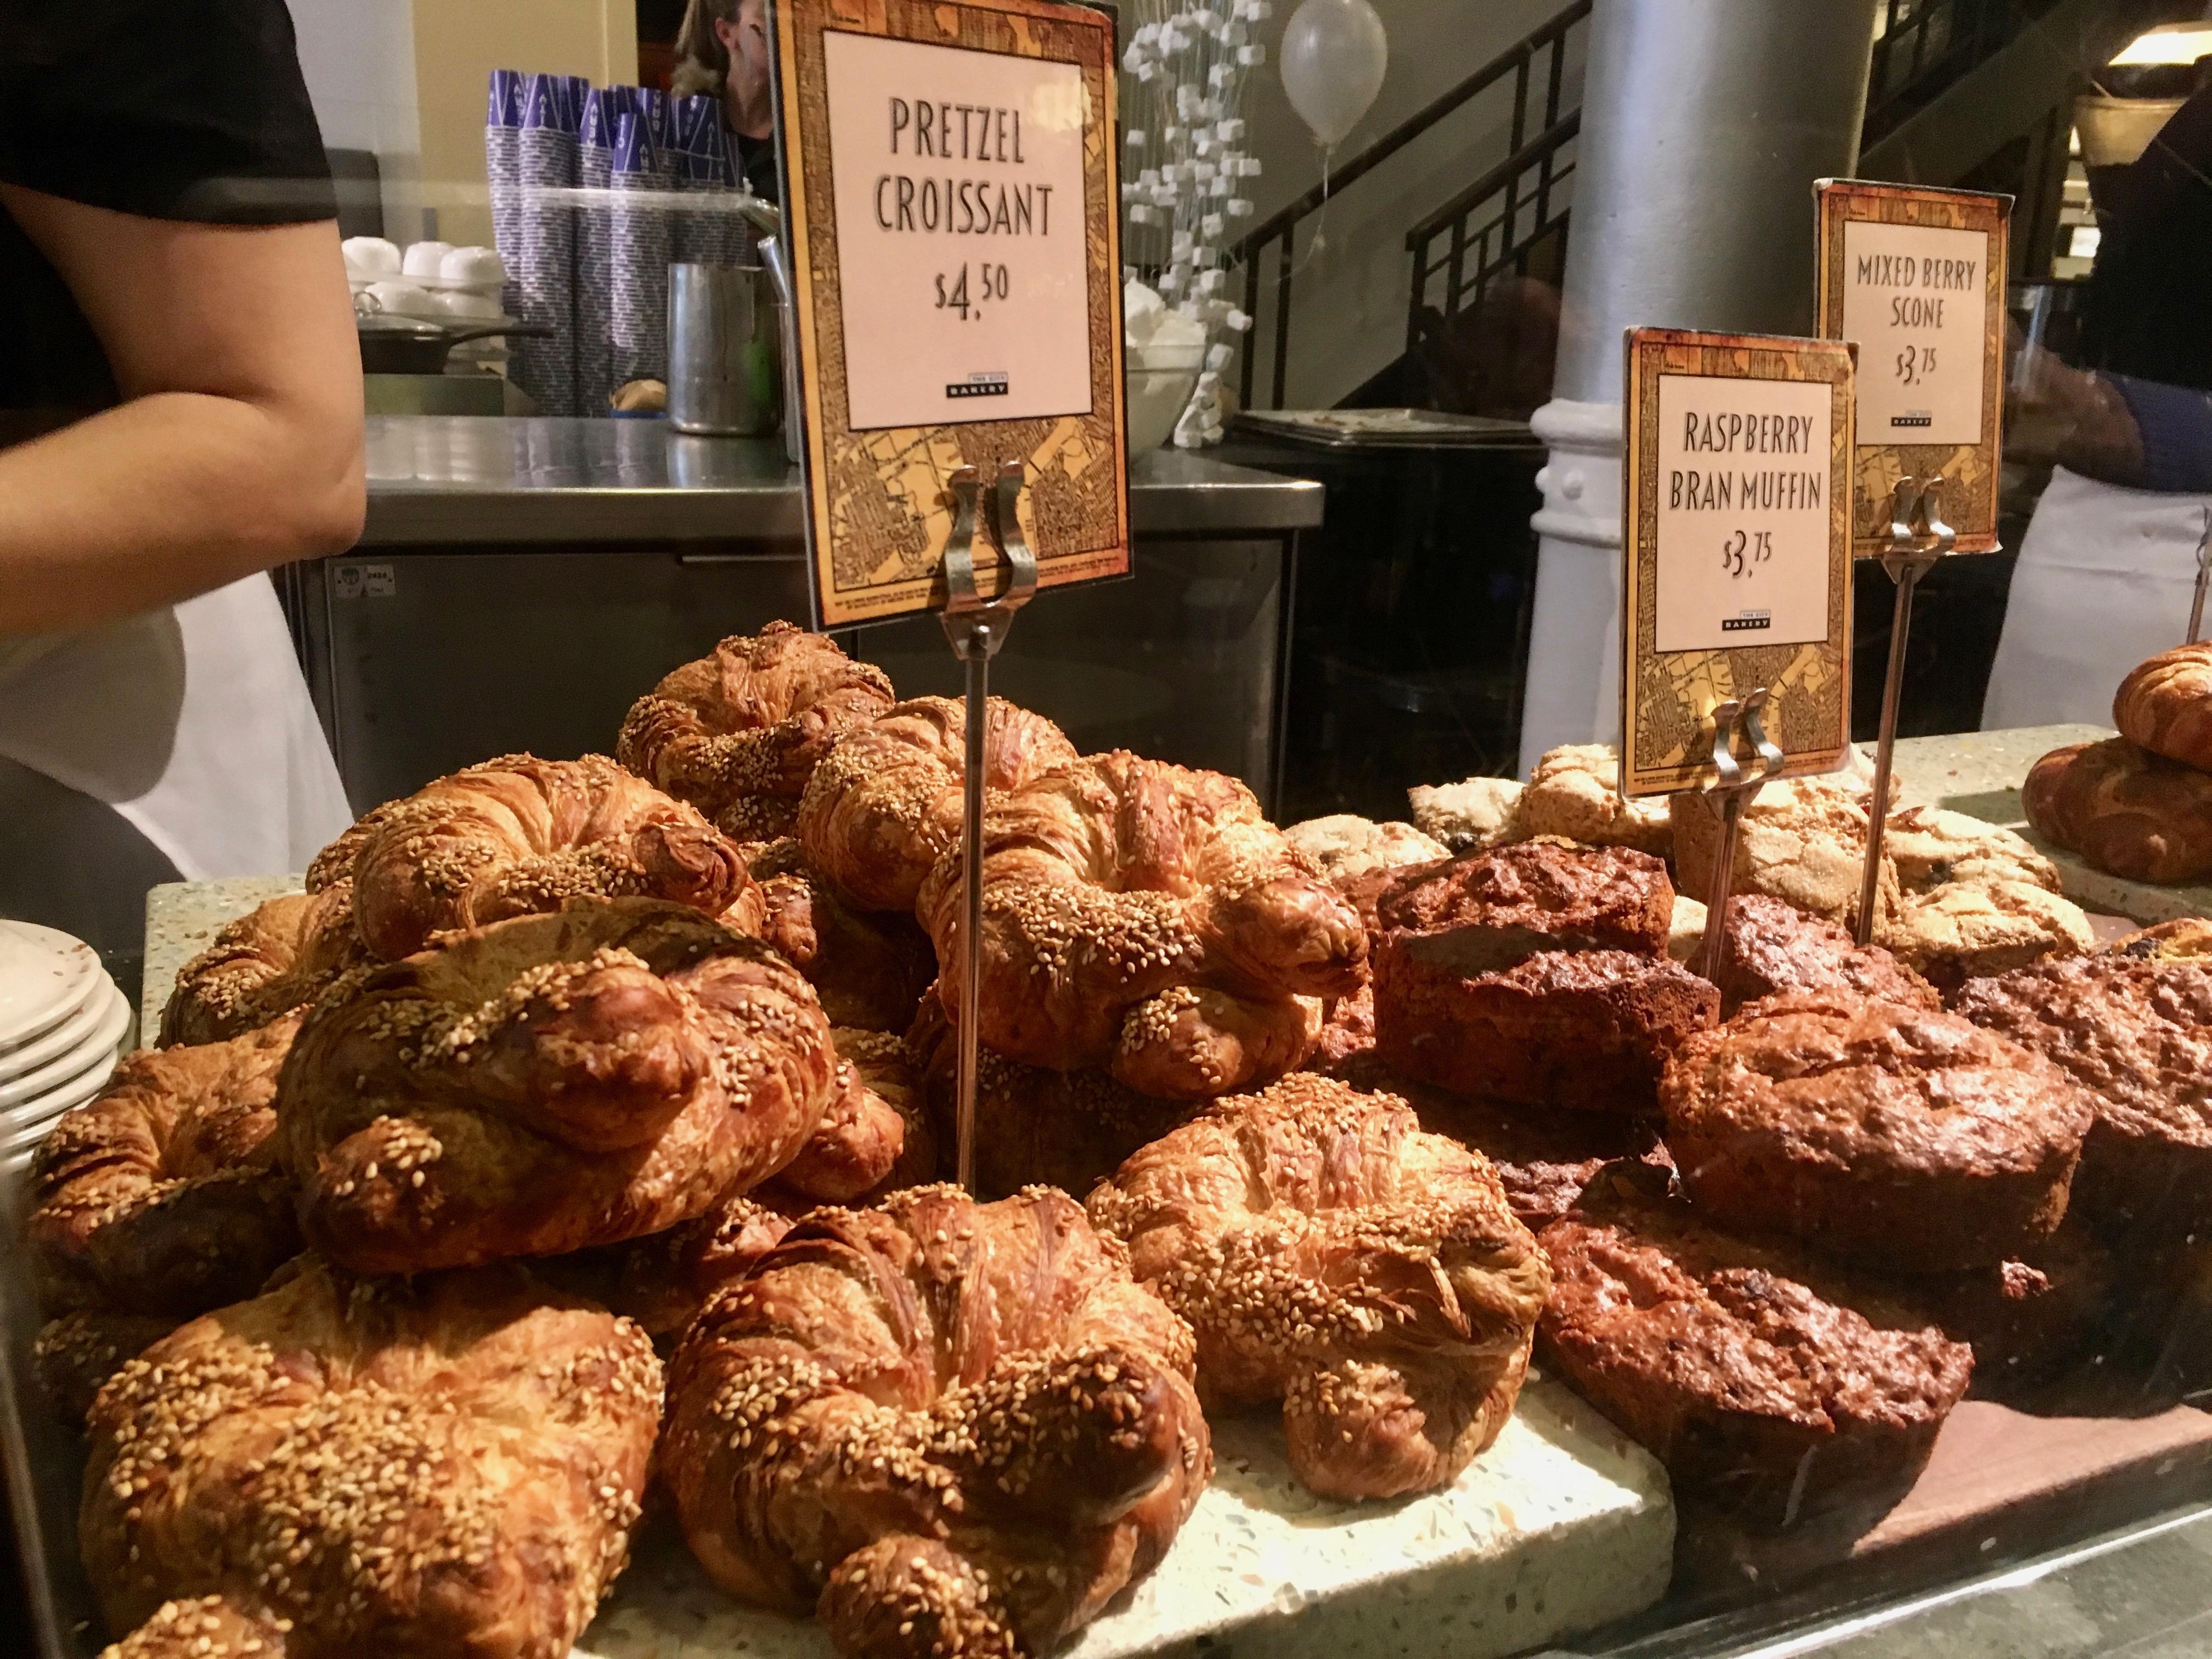 City Bakery's Pretzel Croissant, Gramercy-Flatiron, NYC